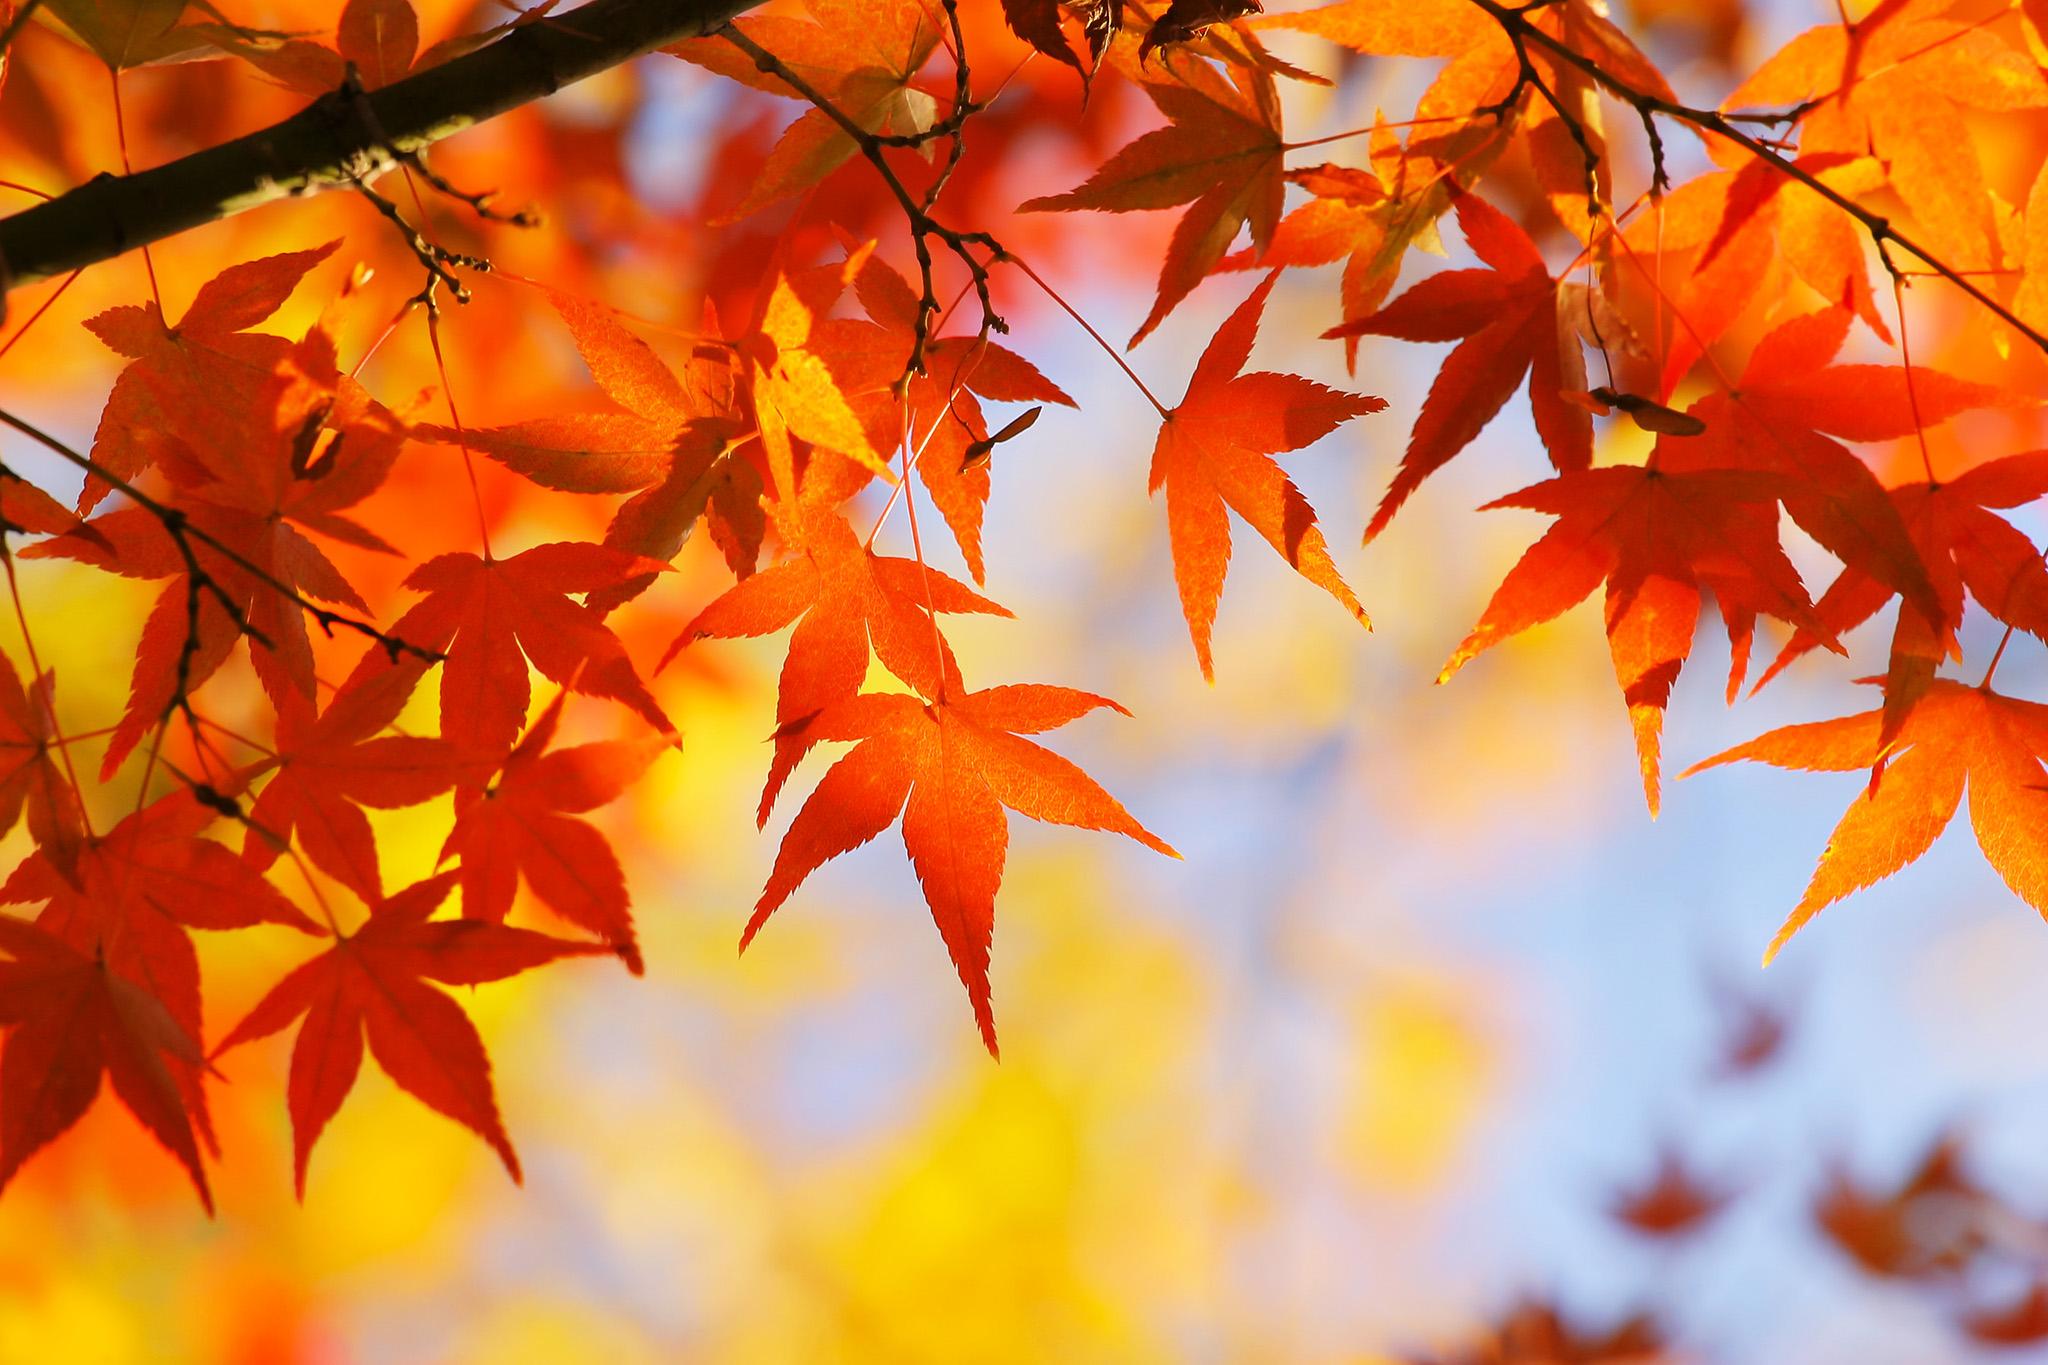 「紅葉と黄葉のコラボレーション」